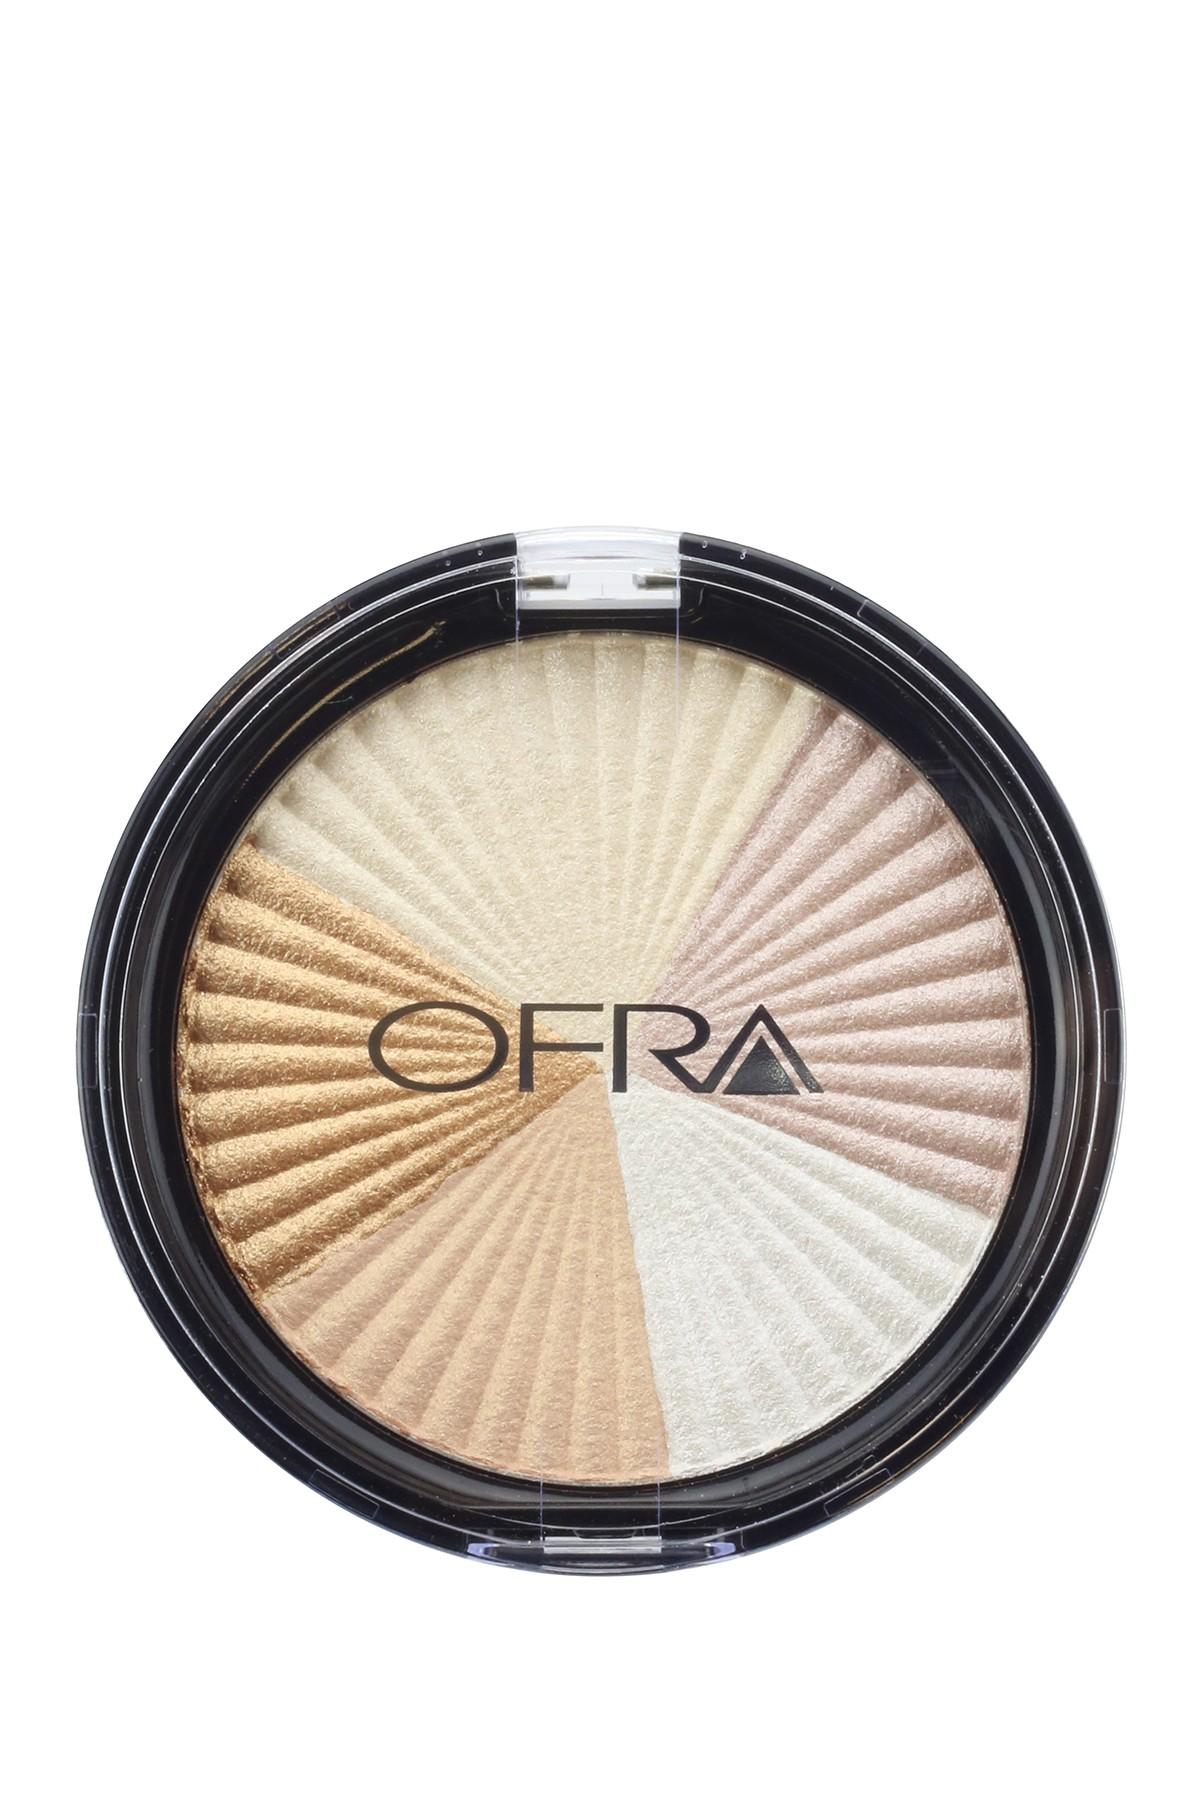 Nordstrom Rack: OFRA Cosmetics Beverly Hills Highlighter Makeup Palette $21.97